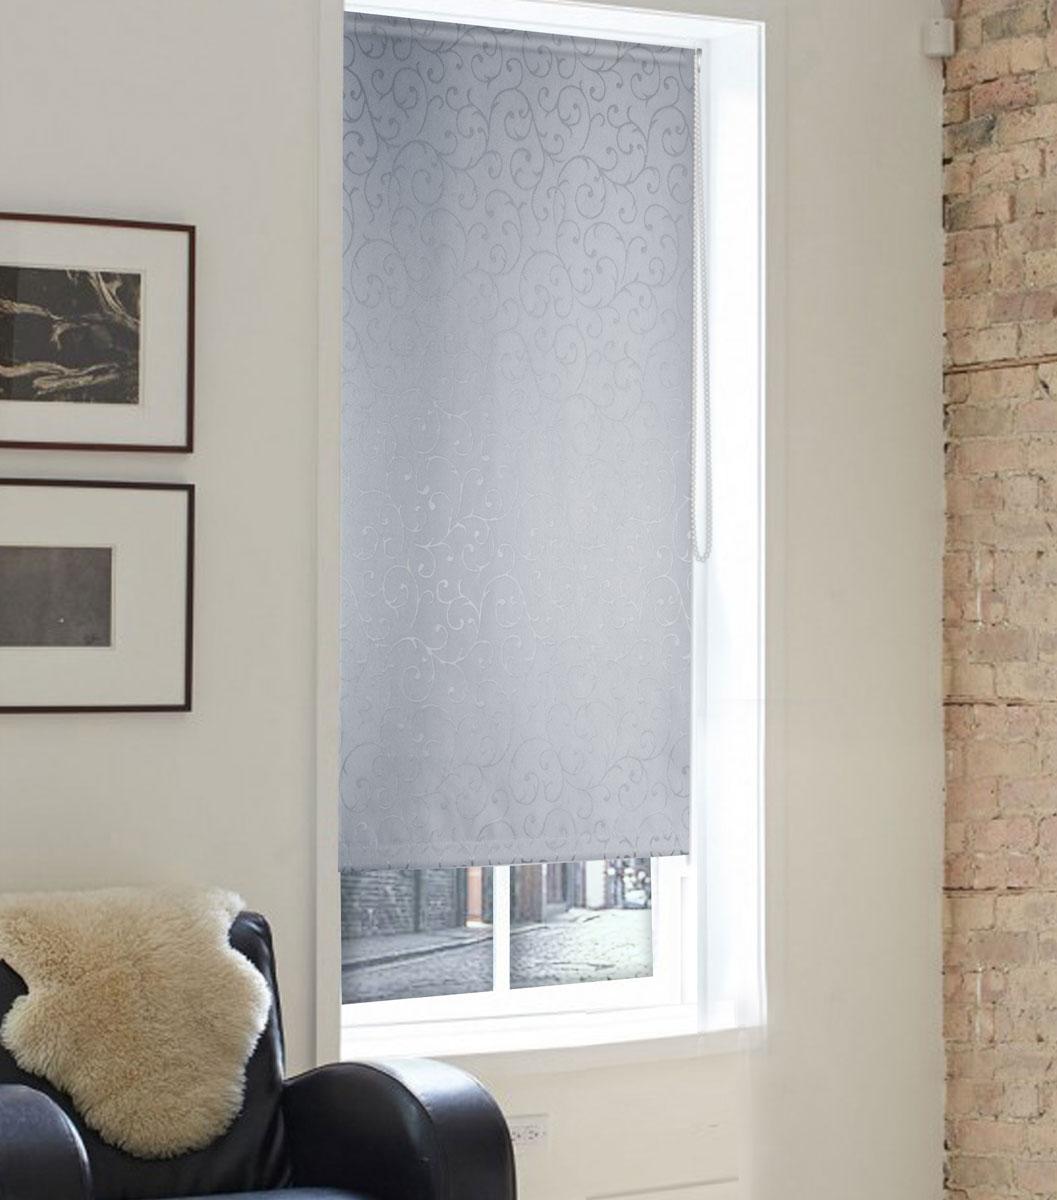 Штора рулонная Эскар Миниролло. Агат, фактурная, цвет: серый, ширина 90 см, высота 160 см379232068170Рулонная штора Эскар Миниролло. Агат выполнена из высокопрочной ткани, которая сохраняет свой размер даже при намокании. Ткань не выцветает и обладает отличной цветоустойчивостью.Миниролло - это подвид рулонных штор, который закрывает не весь оконный проем, а непосредственно само стекло. Такие шторы крепятся на раму без сверления при помощи зажимов или клейкой двухсторонней ленты. Окно остается на гарантии, благодаря монтажу без сверления. Такая штора станет прекрасным элементом декора окна и гармонично впишется в интерьер любого помещения.